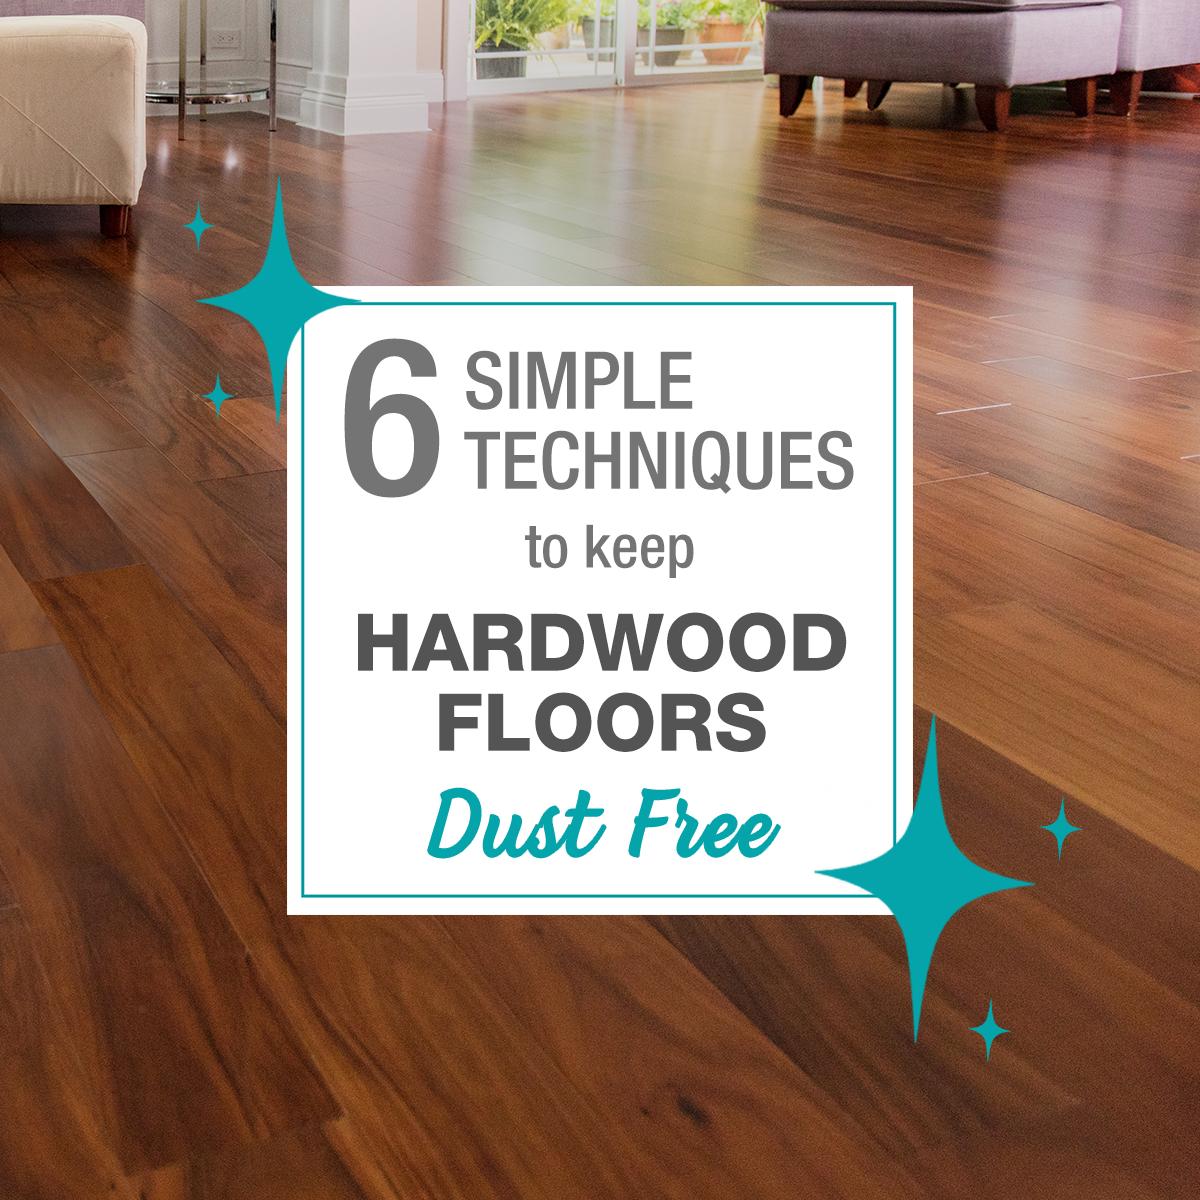 6 Simple Techniques To Keep Hardwood Floors Dust Free Empire Today Blog Hardwood Floors Wood Laminate Flooring Flooring